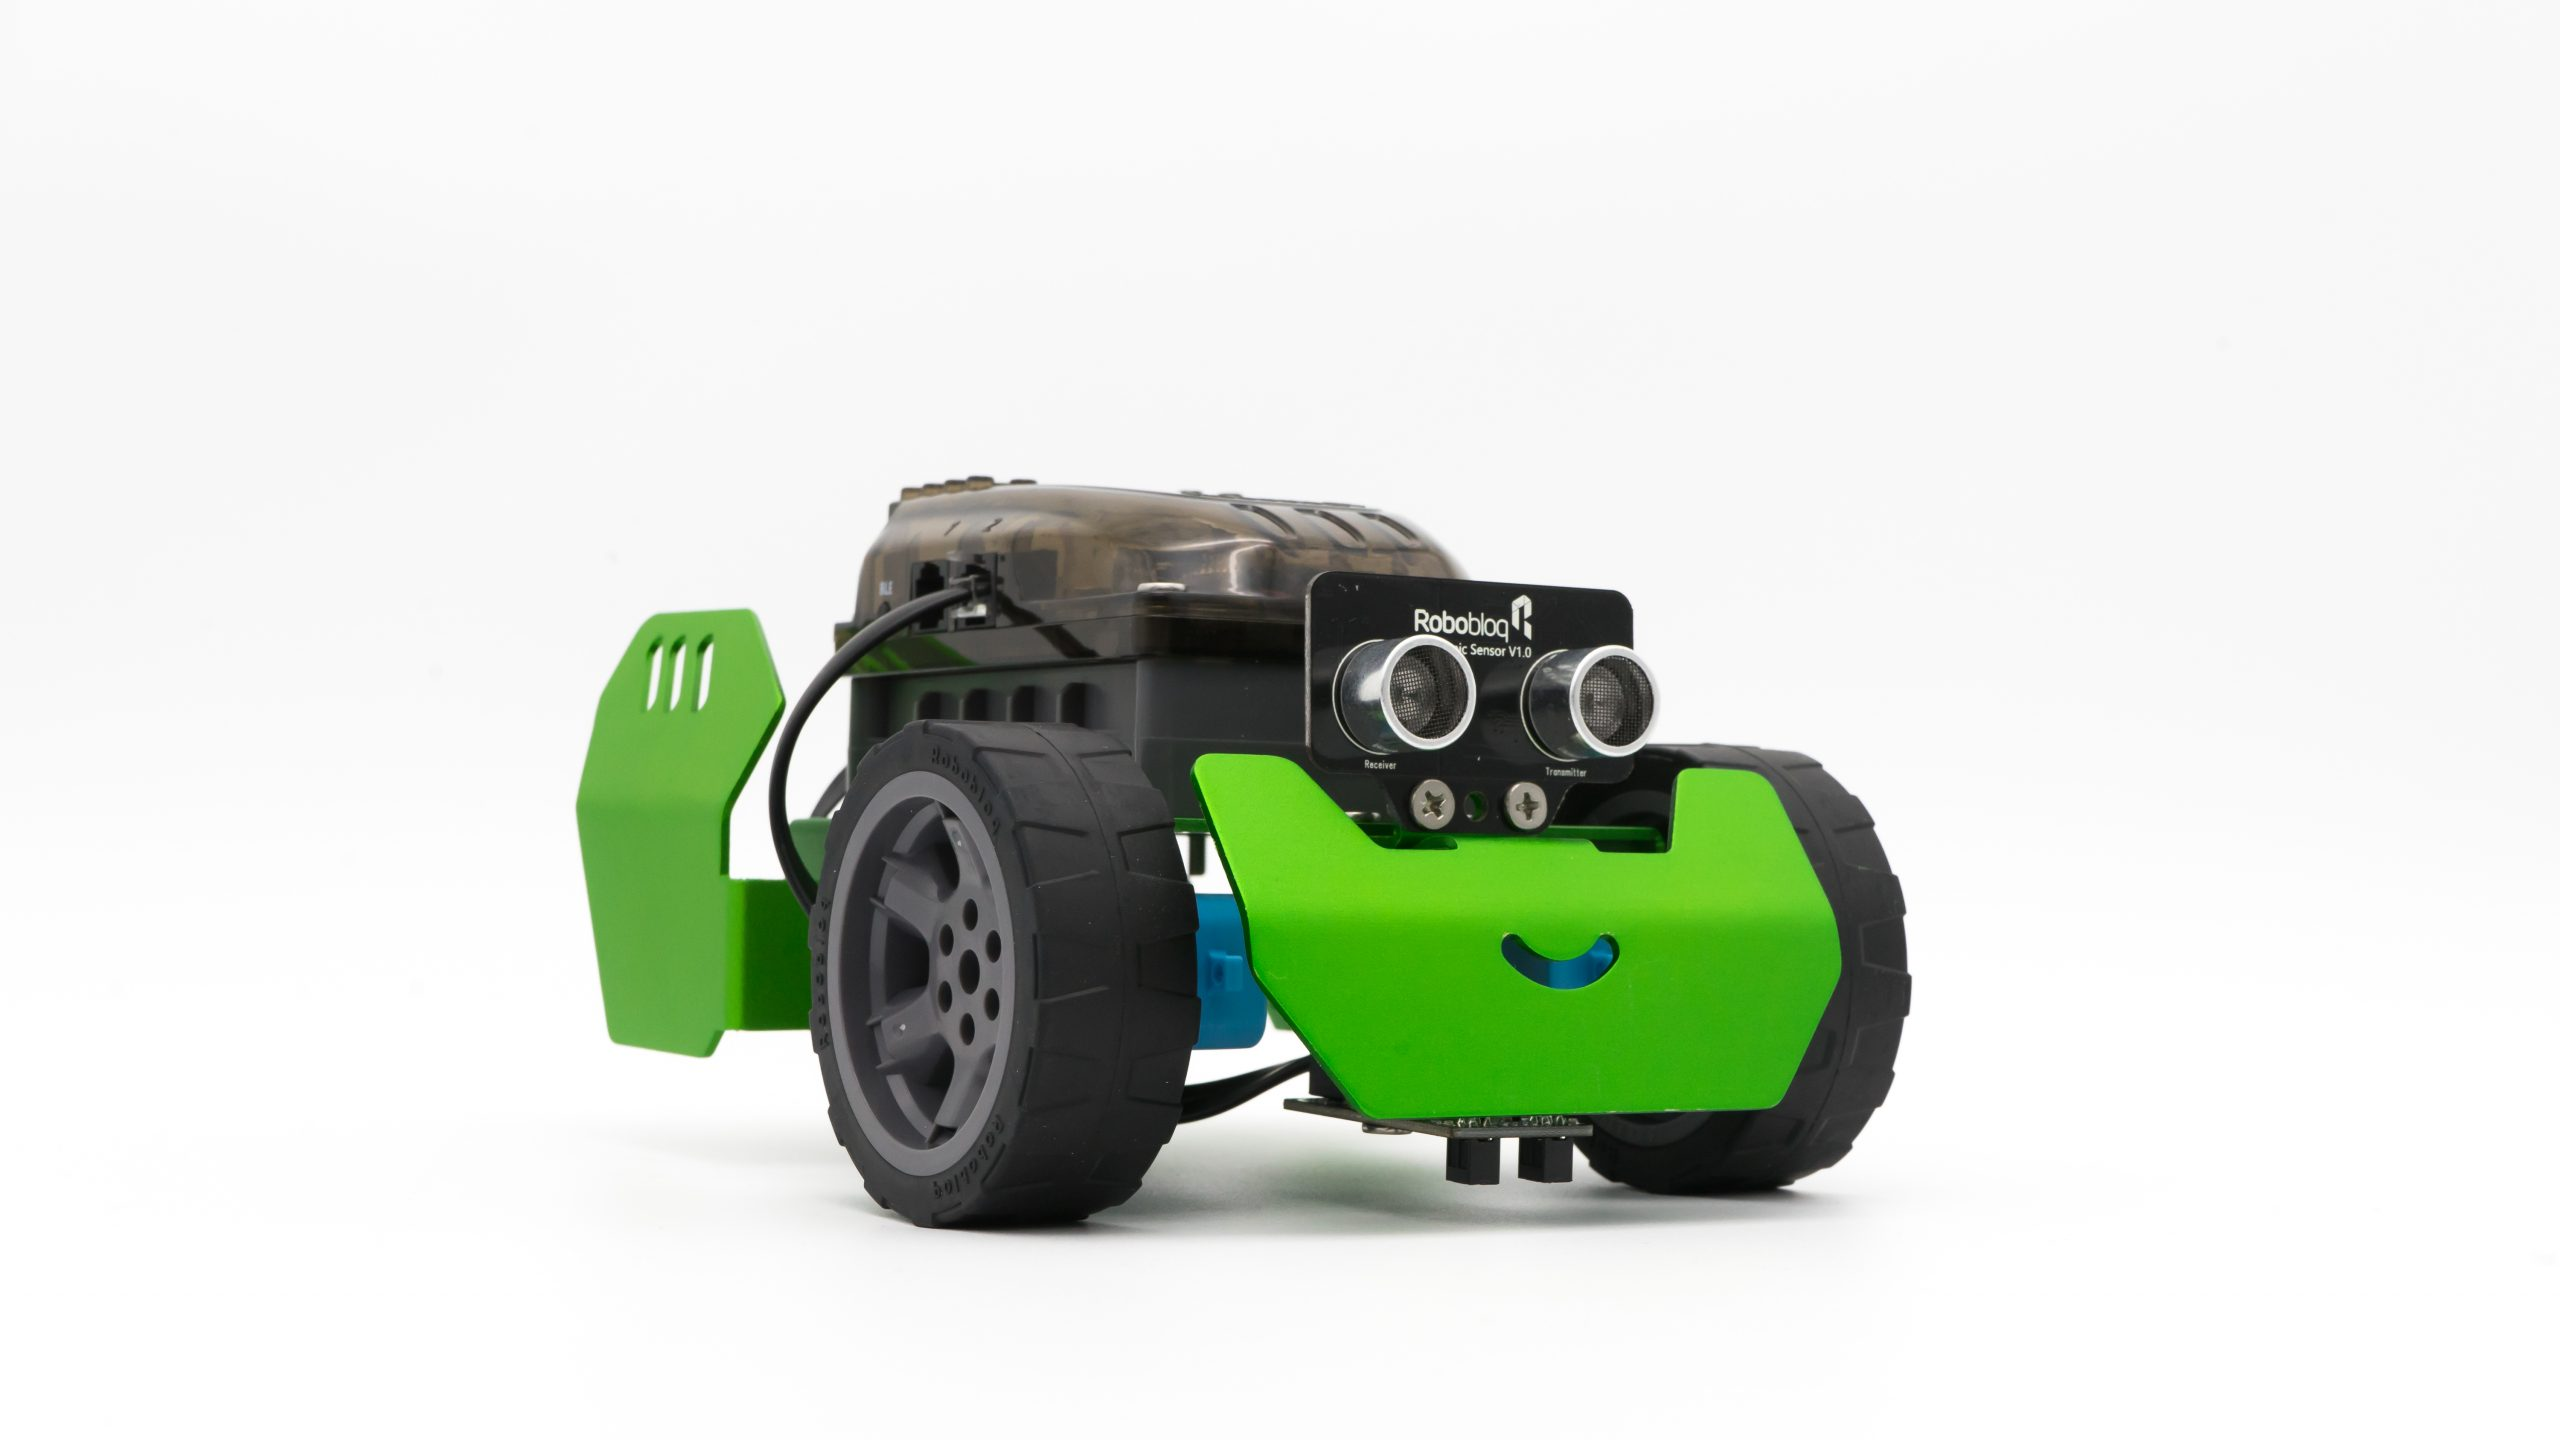 Robot Opțiune Binară - software de tranzacționare automat gratuit